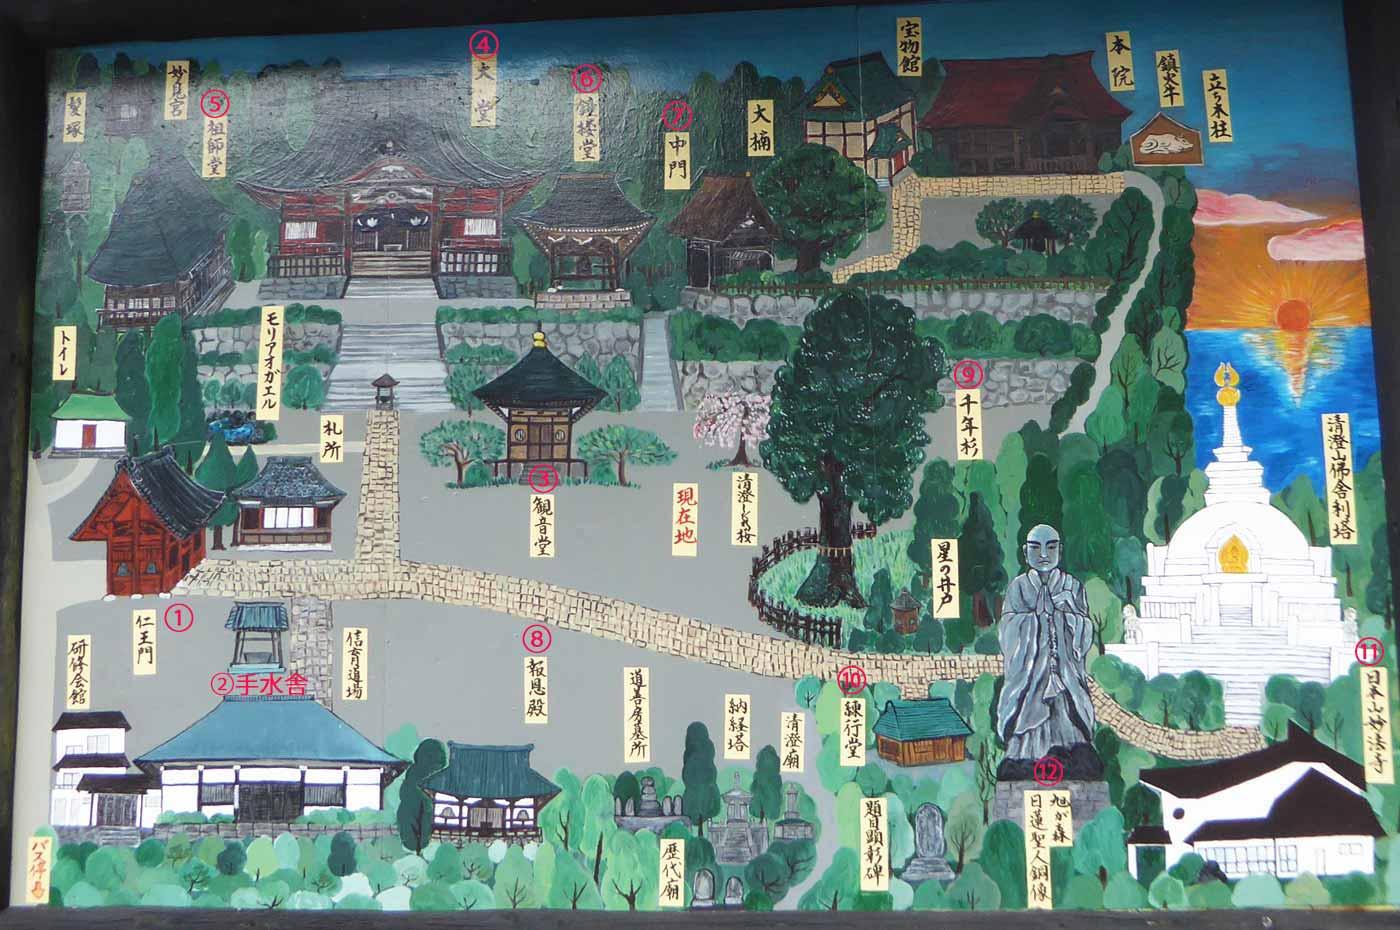 清澄寺の境内案内